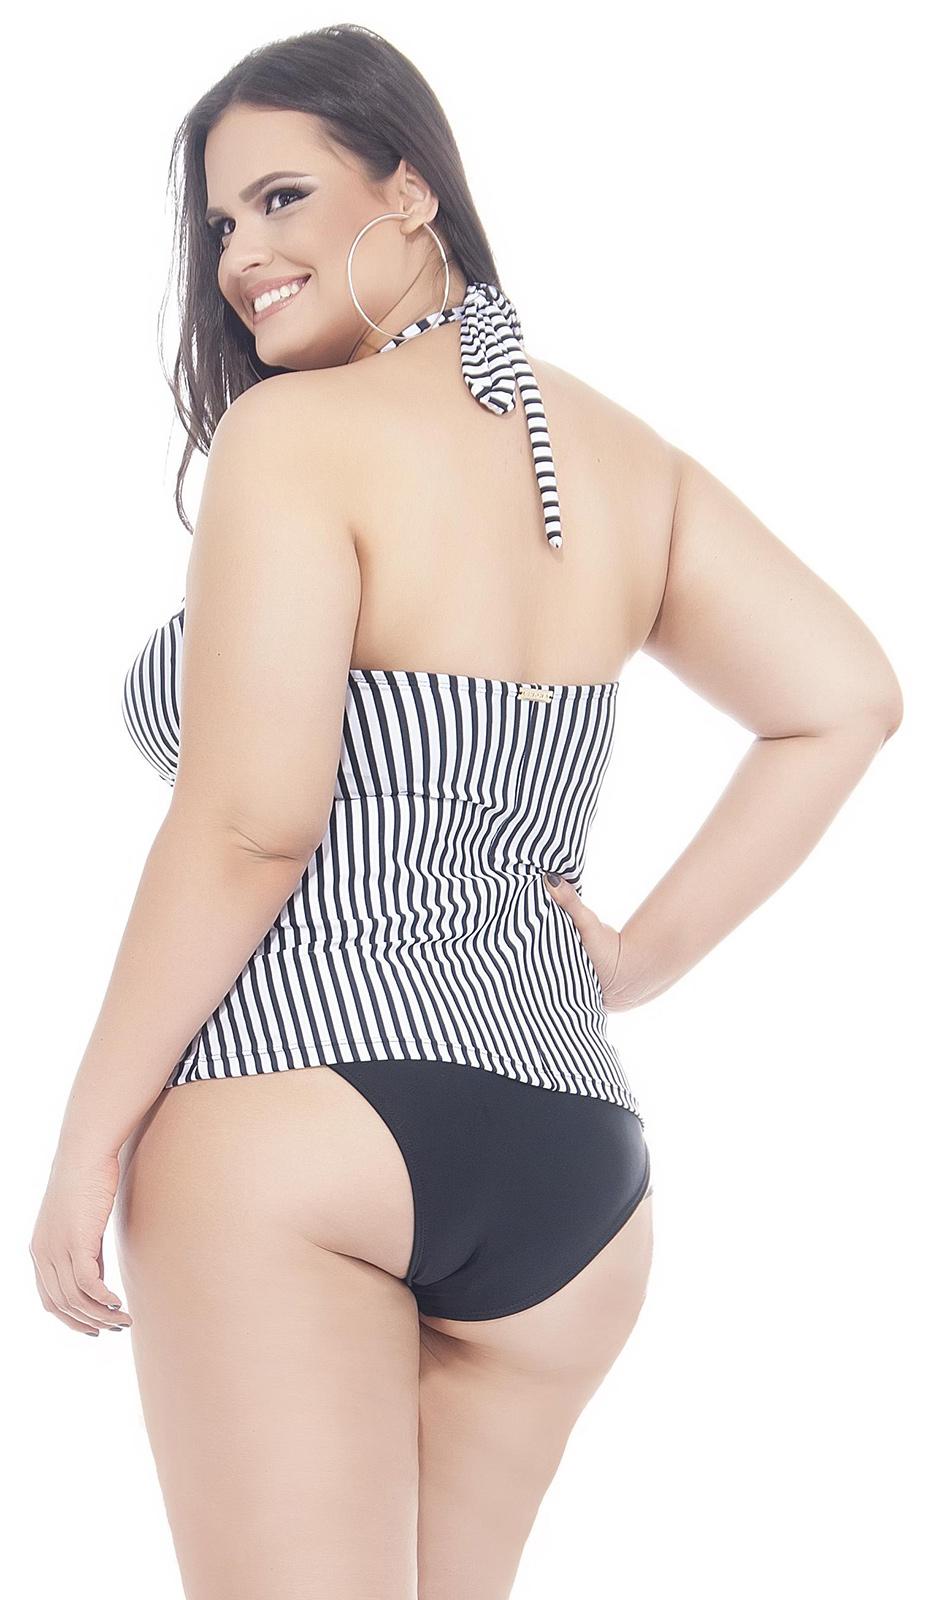 Lehona traje de ba o a rayas blanco y negro talla grande for Traje de bano negro